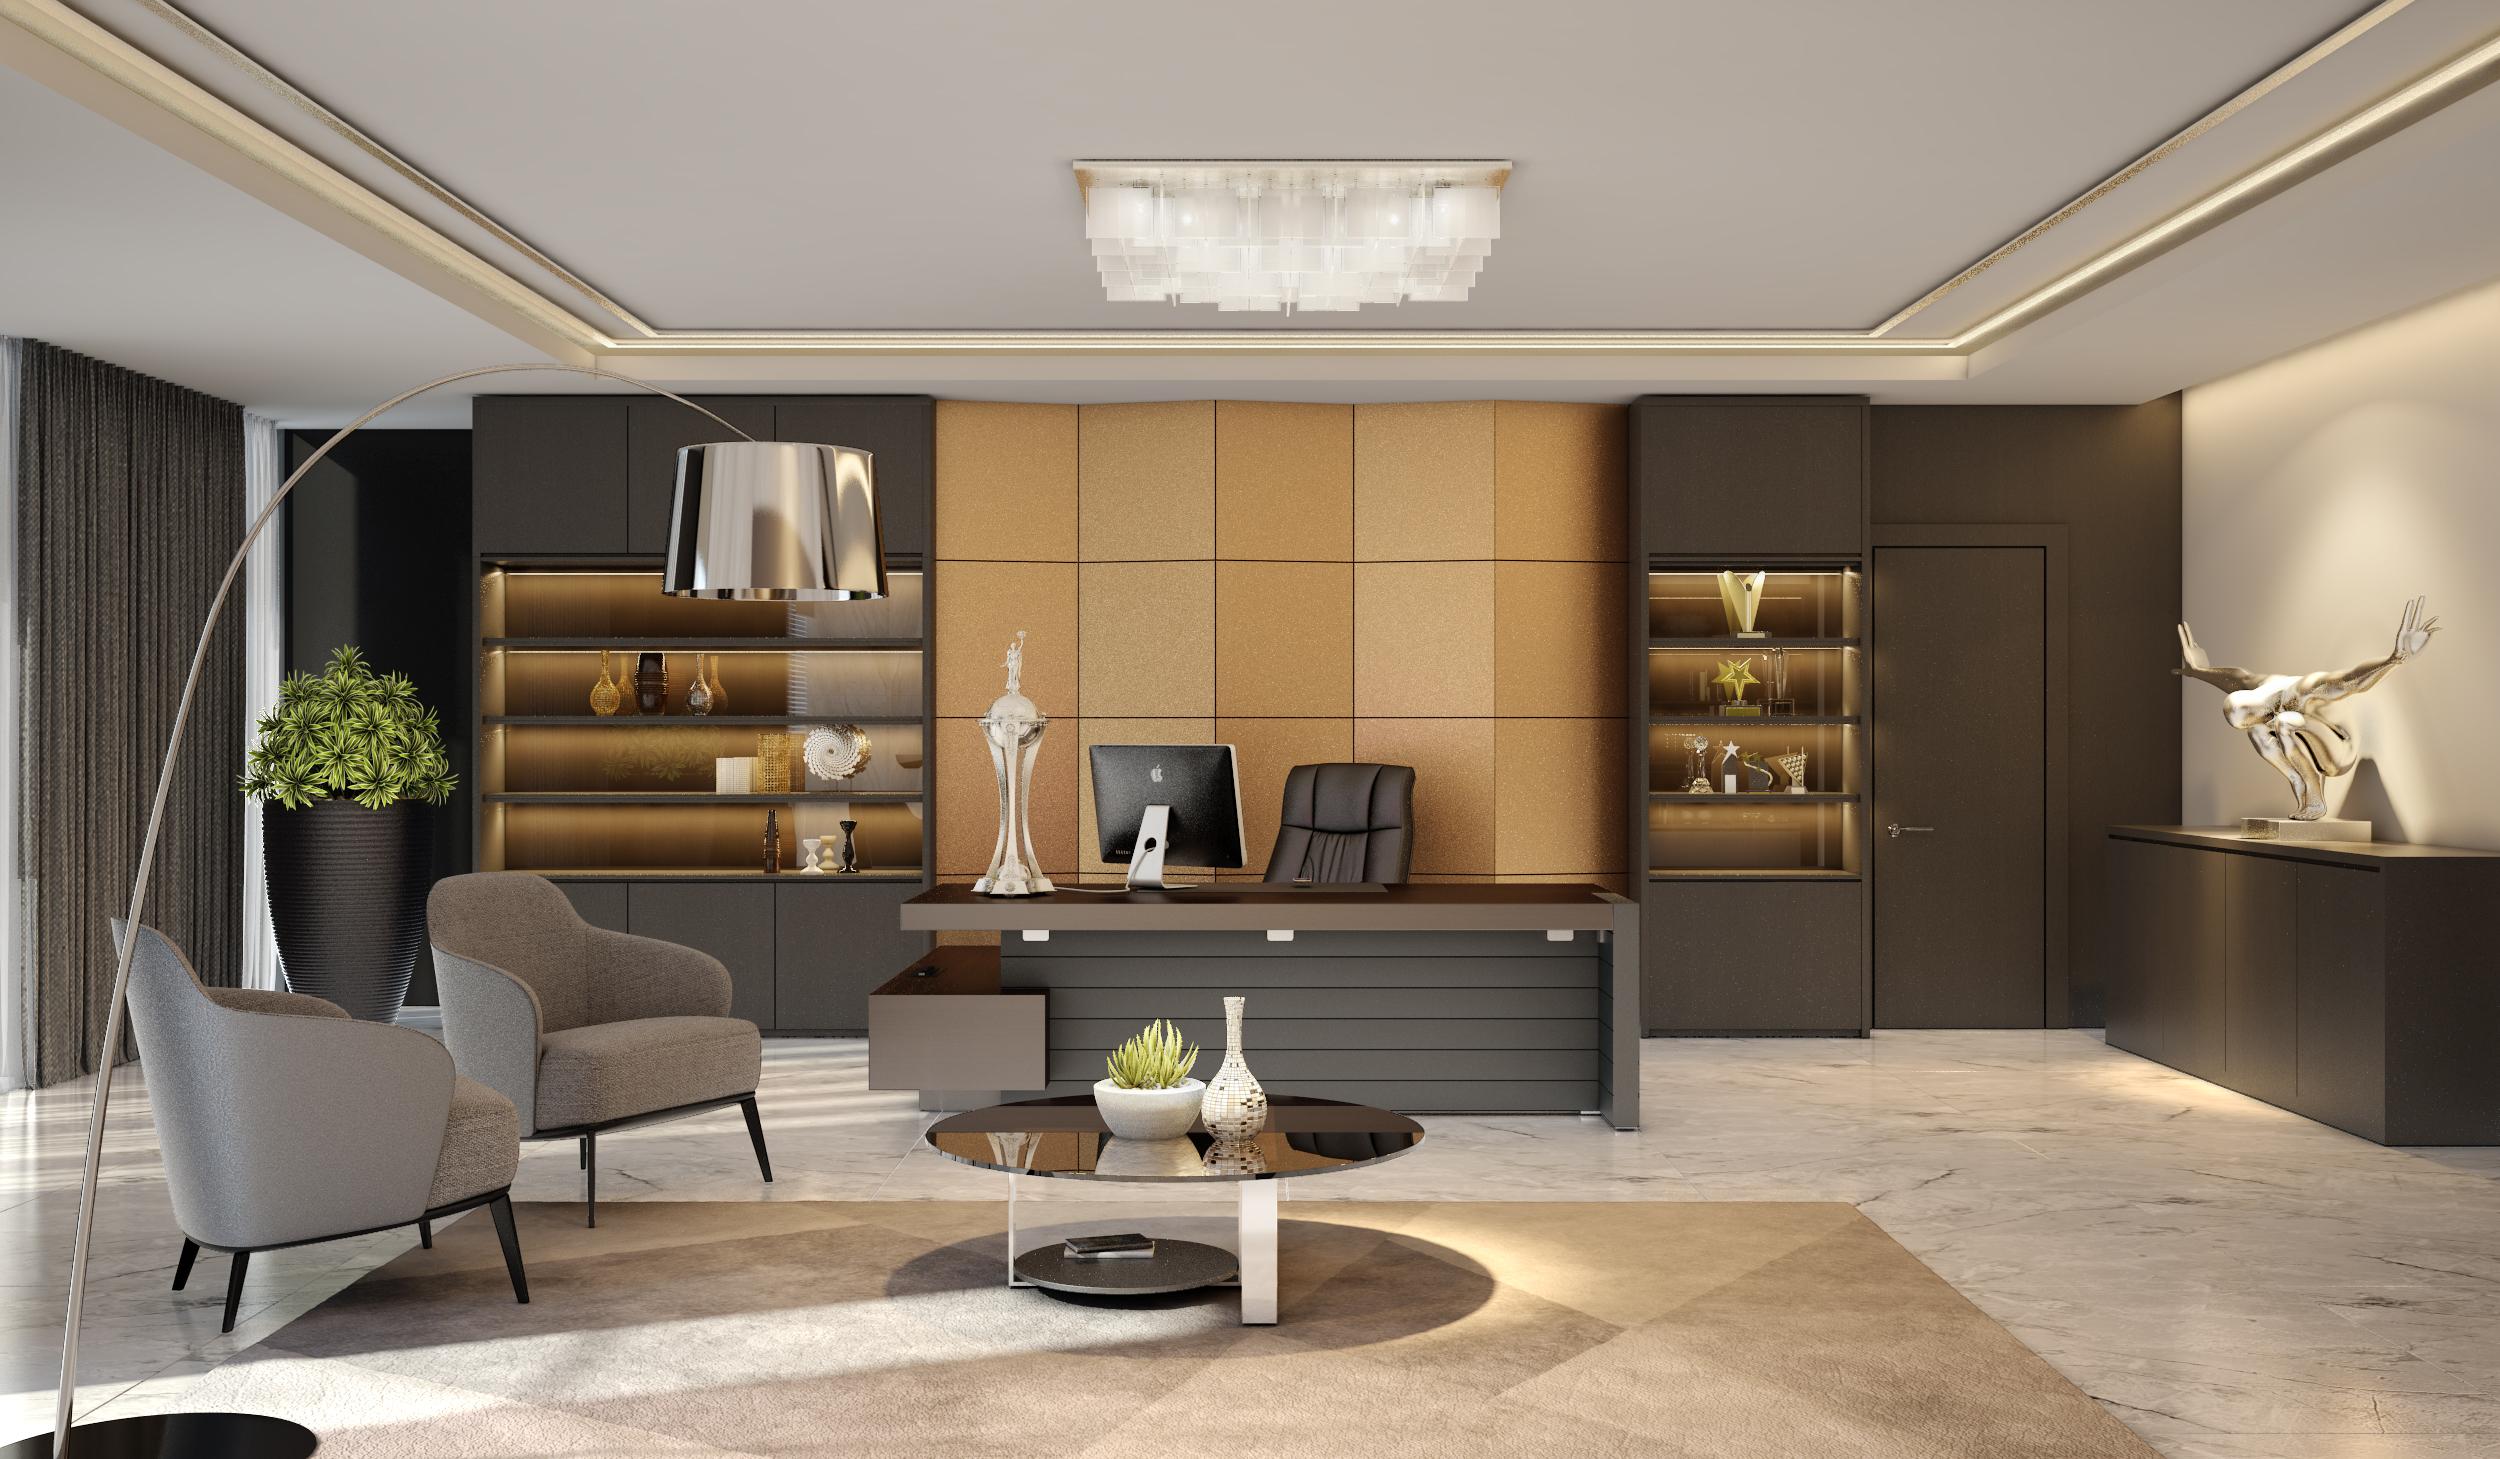 thiết kế nội thất Văn Phòng tại Hồ Chí Minh ASIA TRADE TOWER 2 1548399475